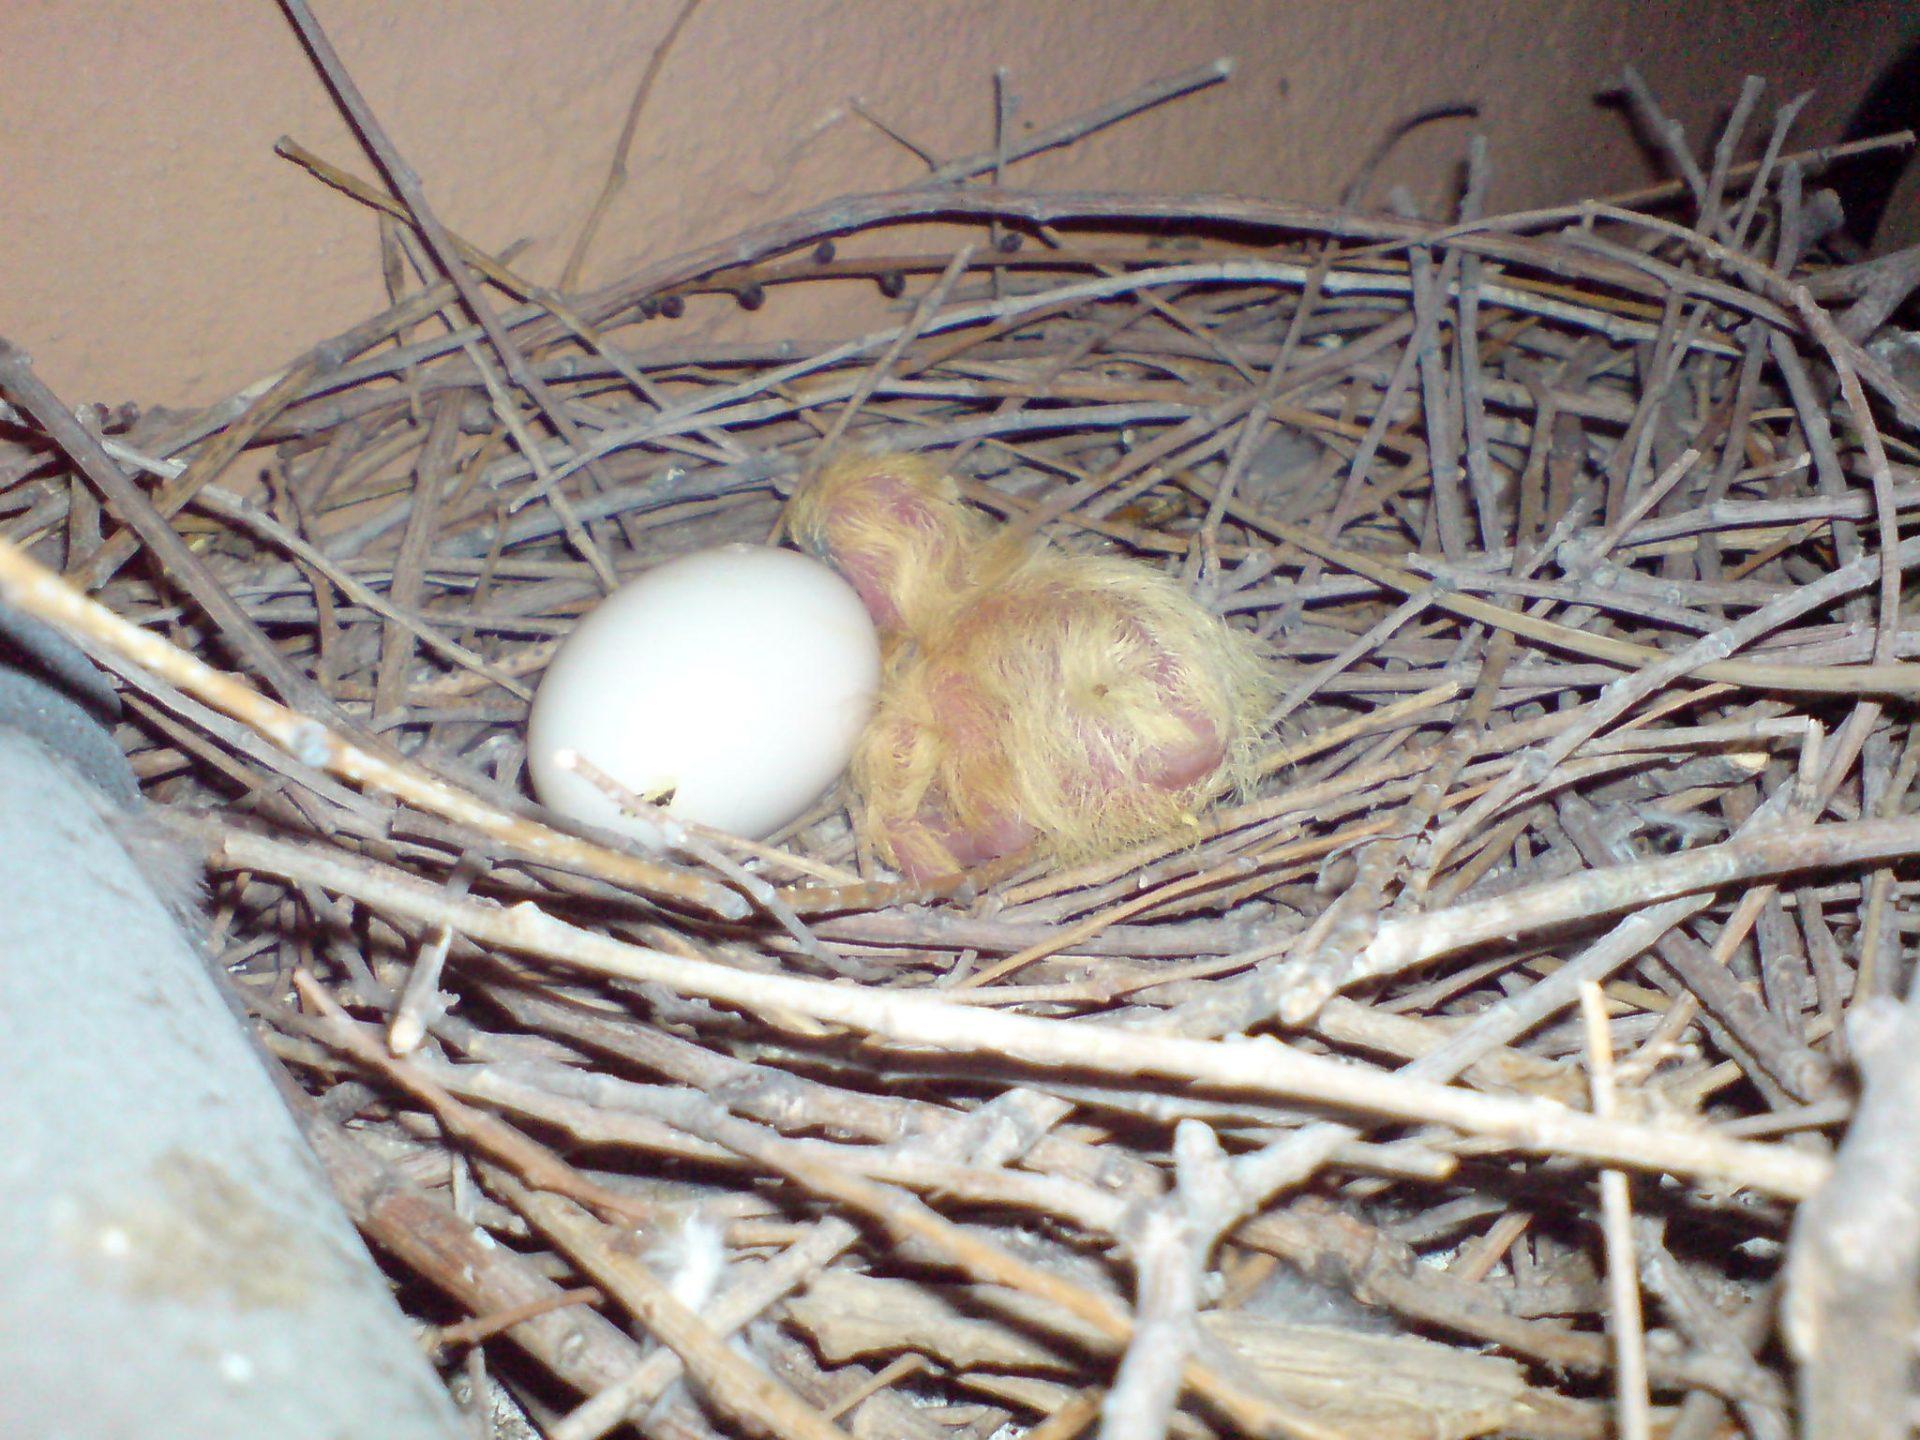 nido de palomas que criaron en nuestra casa, aparece un polluelo y un huevo todavía por abrir